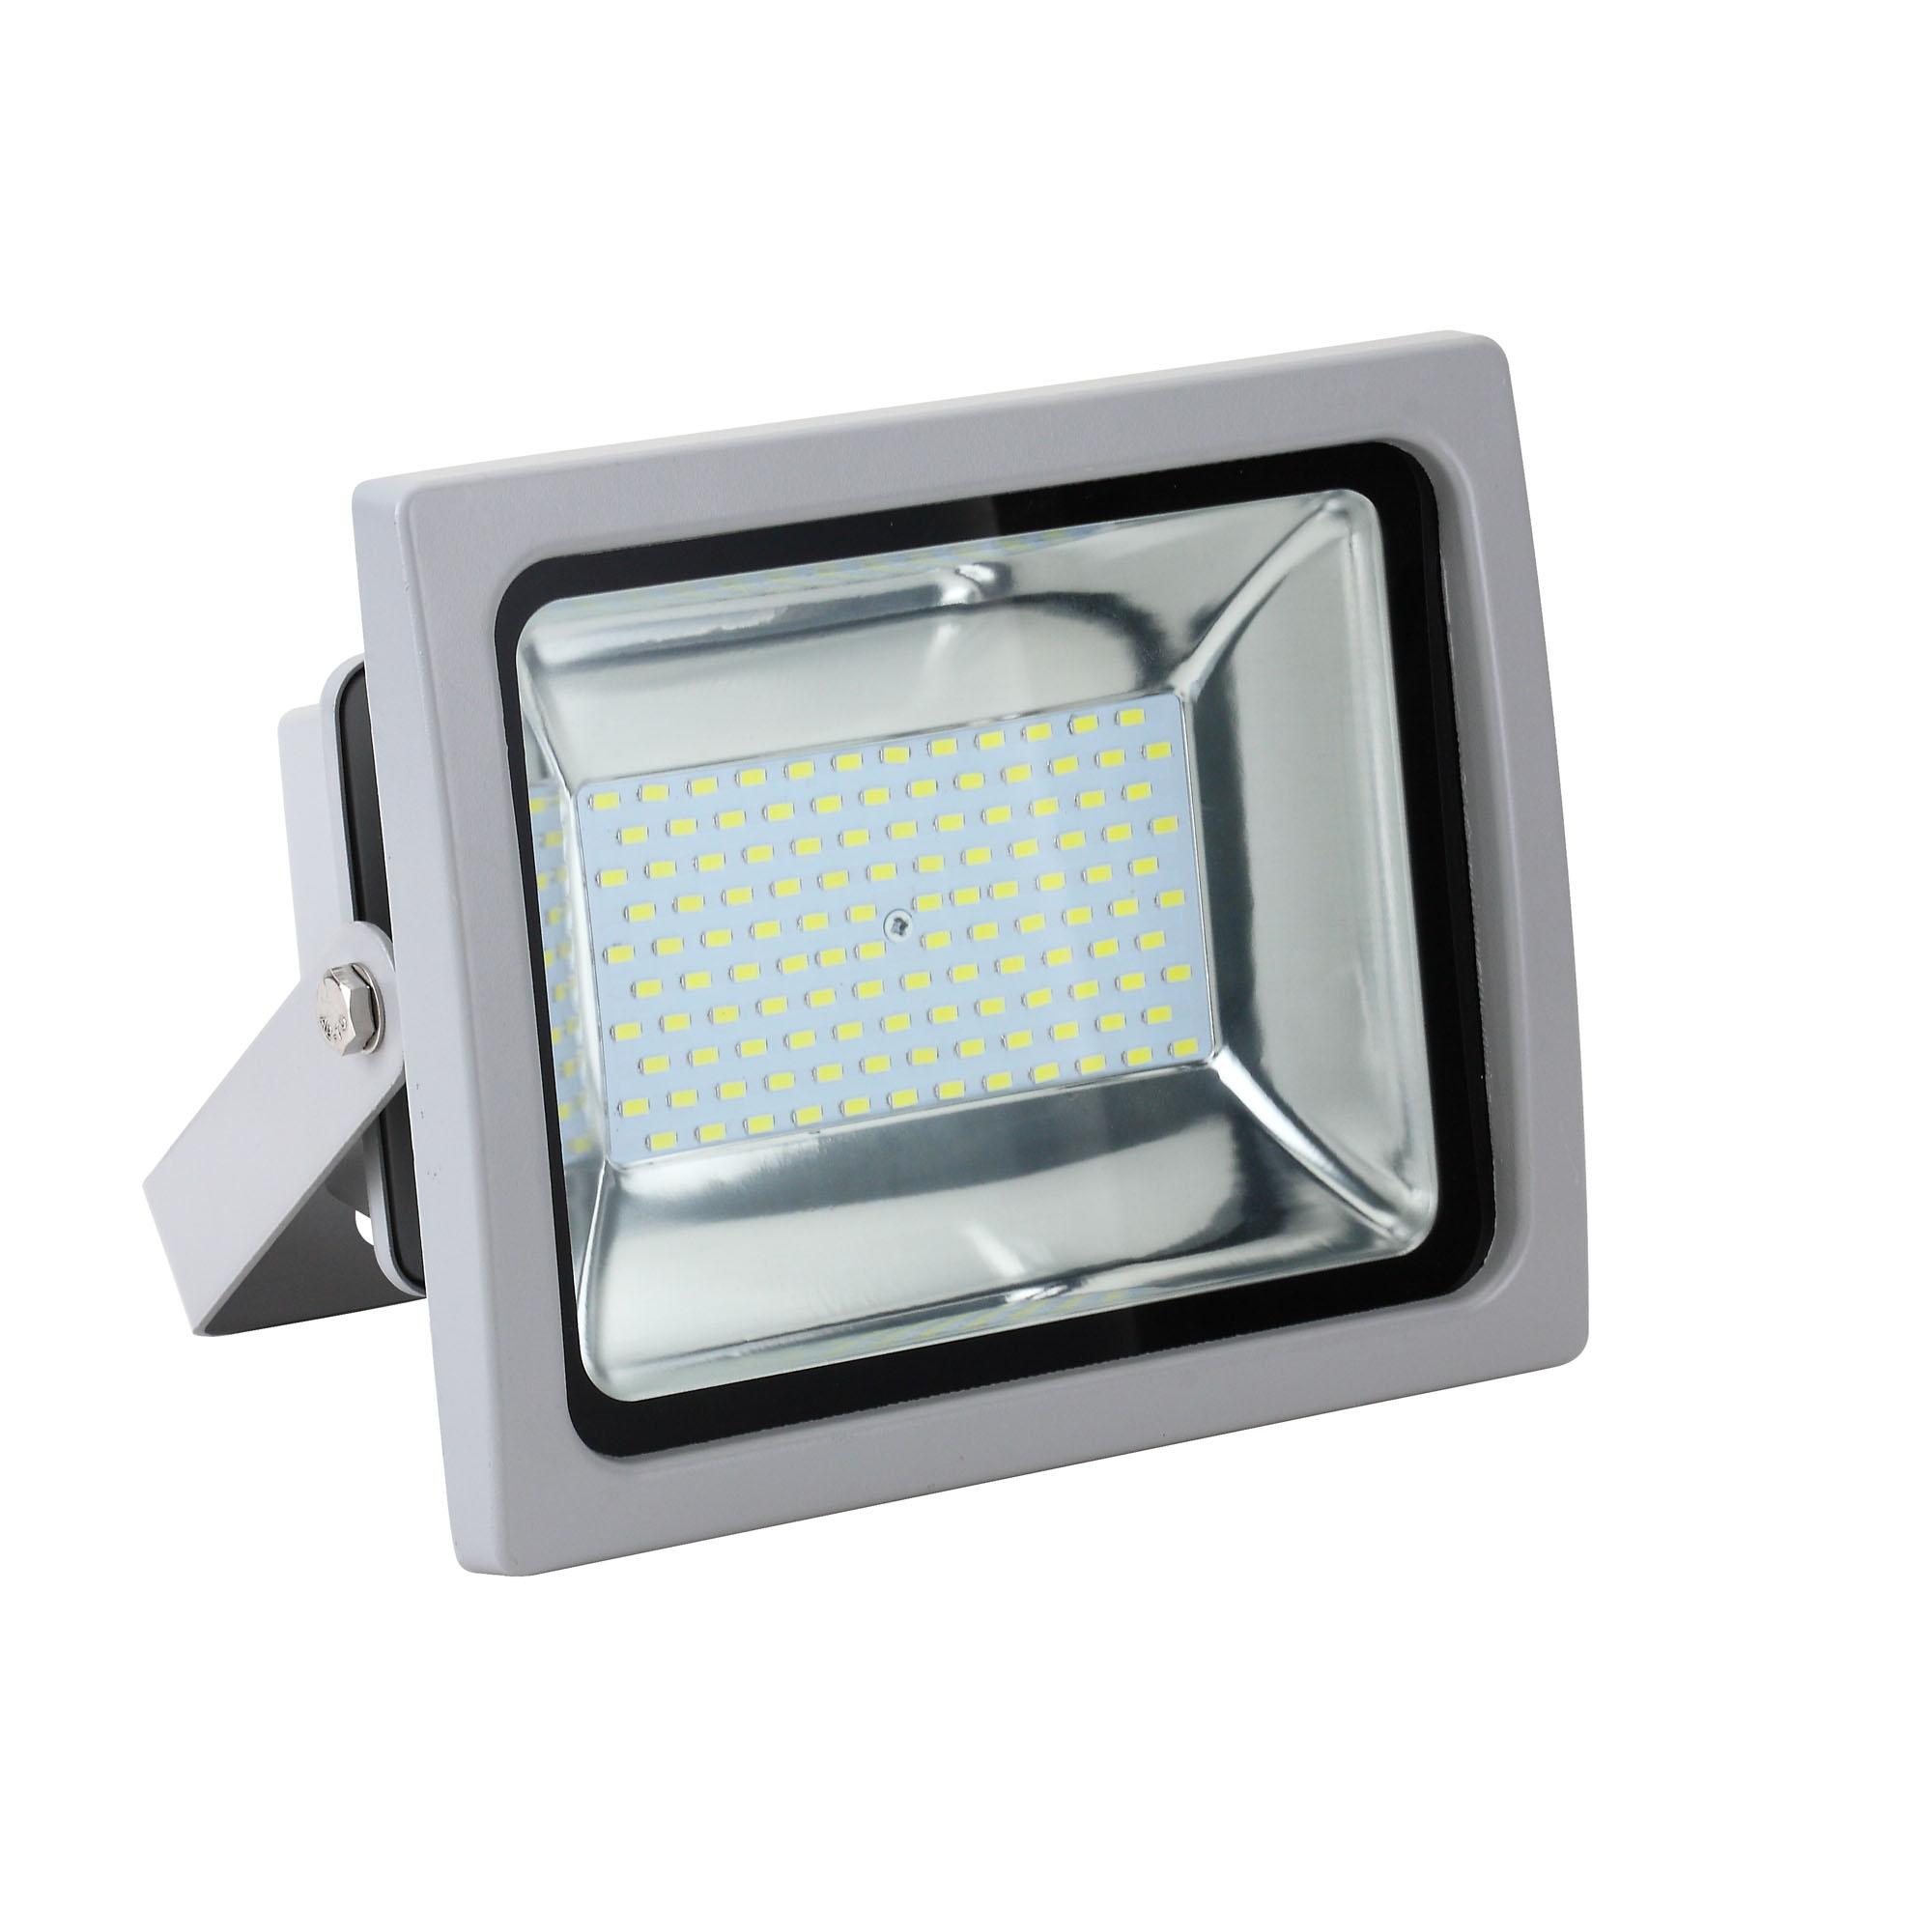 Прожектор светодиодный UnielПрожекторы<br>Мощность: 100, Ширина: 290, Длина (мм): 240, Высота: 150, Тип лампы: светодиодная, Патрон: LED, Степень защиты от пыли и влаги: IP 65, Угол обзора: 100, Тип: стационарный, Назначение прожектора: уличный, Цветовая температура: 4000<br>